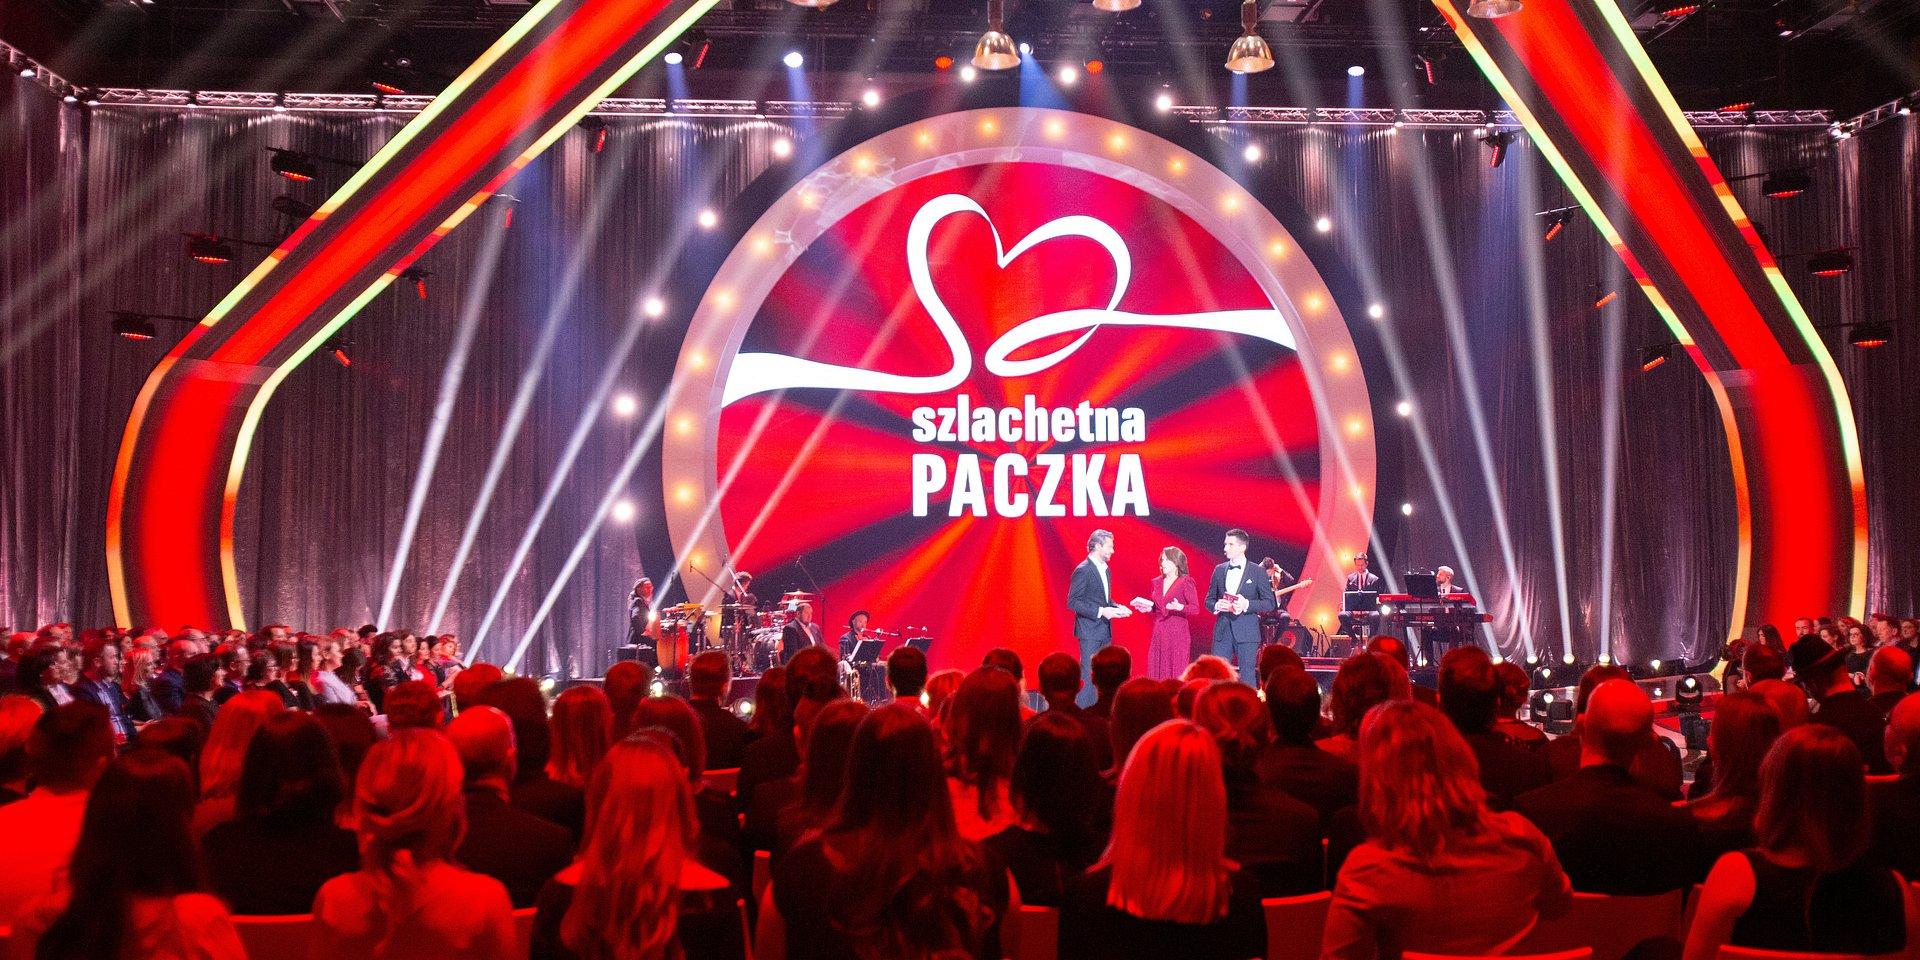 Olivier Janiak, Ewa Drzyzga i Marcin Zaborski dziękowali wolontariuszom podczas Gali Szlachetnej Paczki